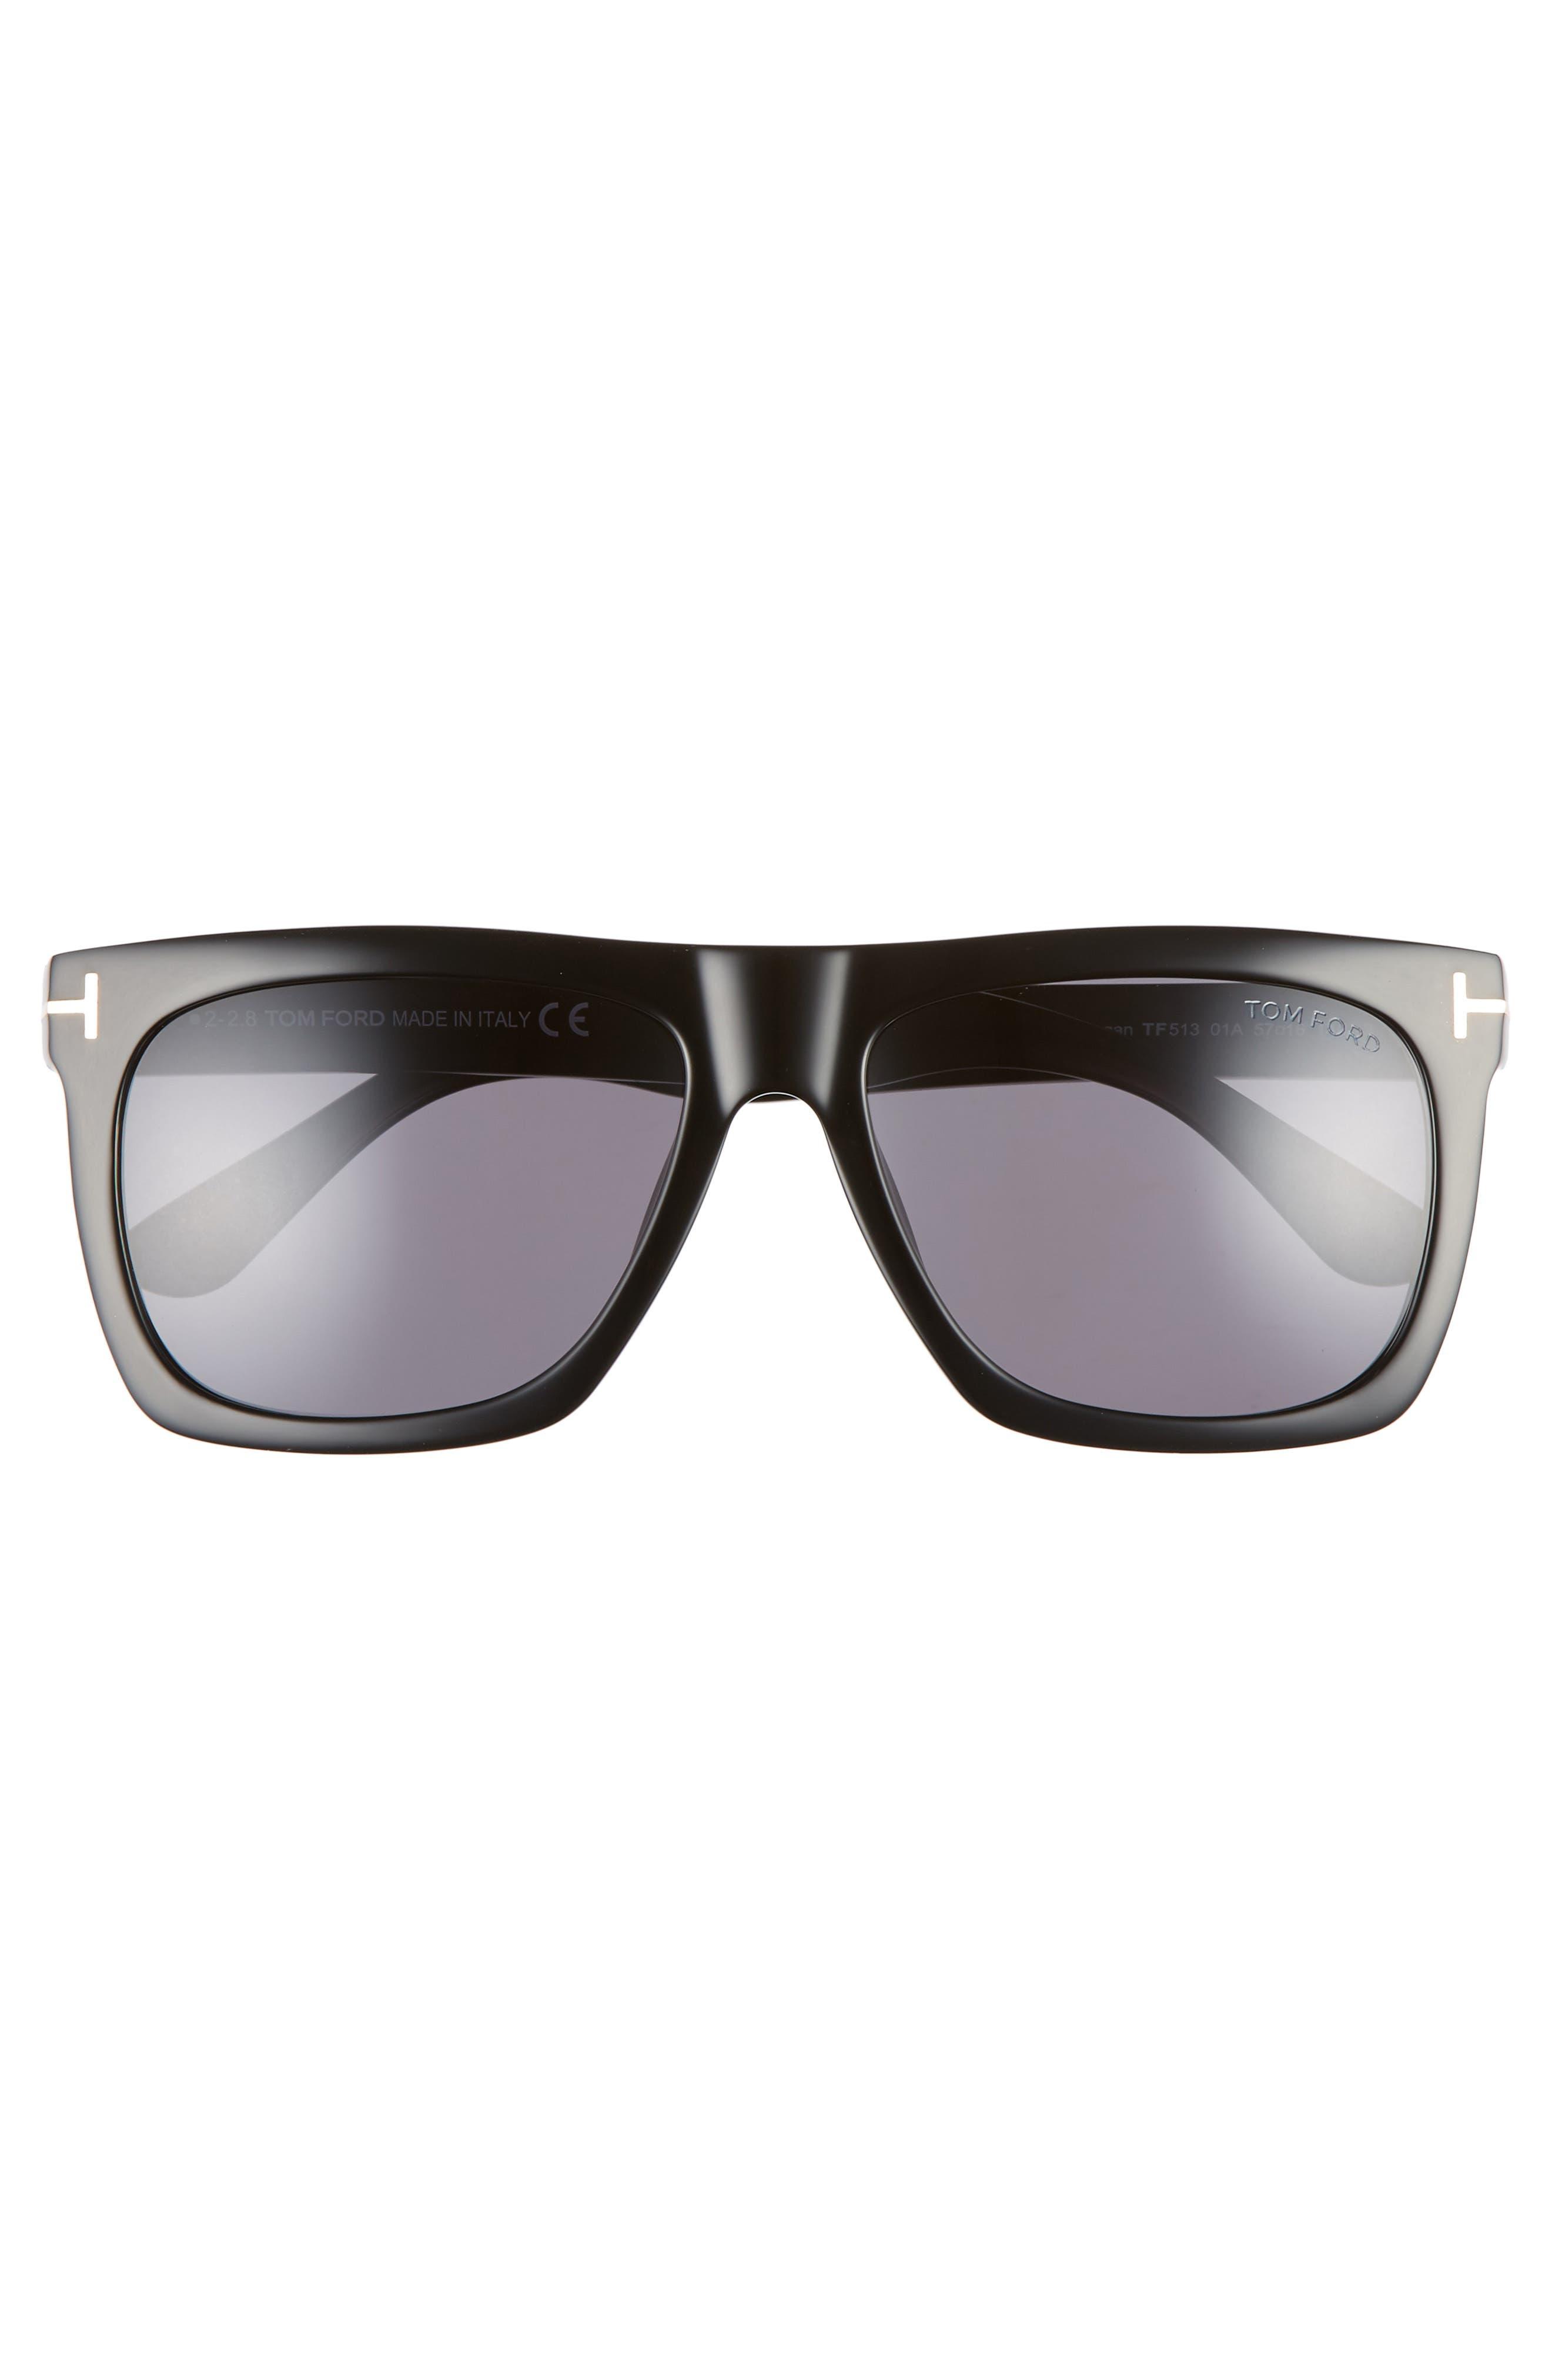 Morgan 57mm Sunglasses,                             Alternate thumbnail 3, color,                             SHINY BLACK / SMOKE